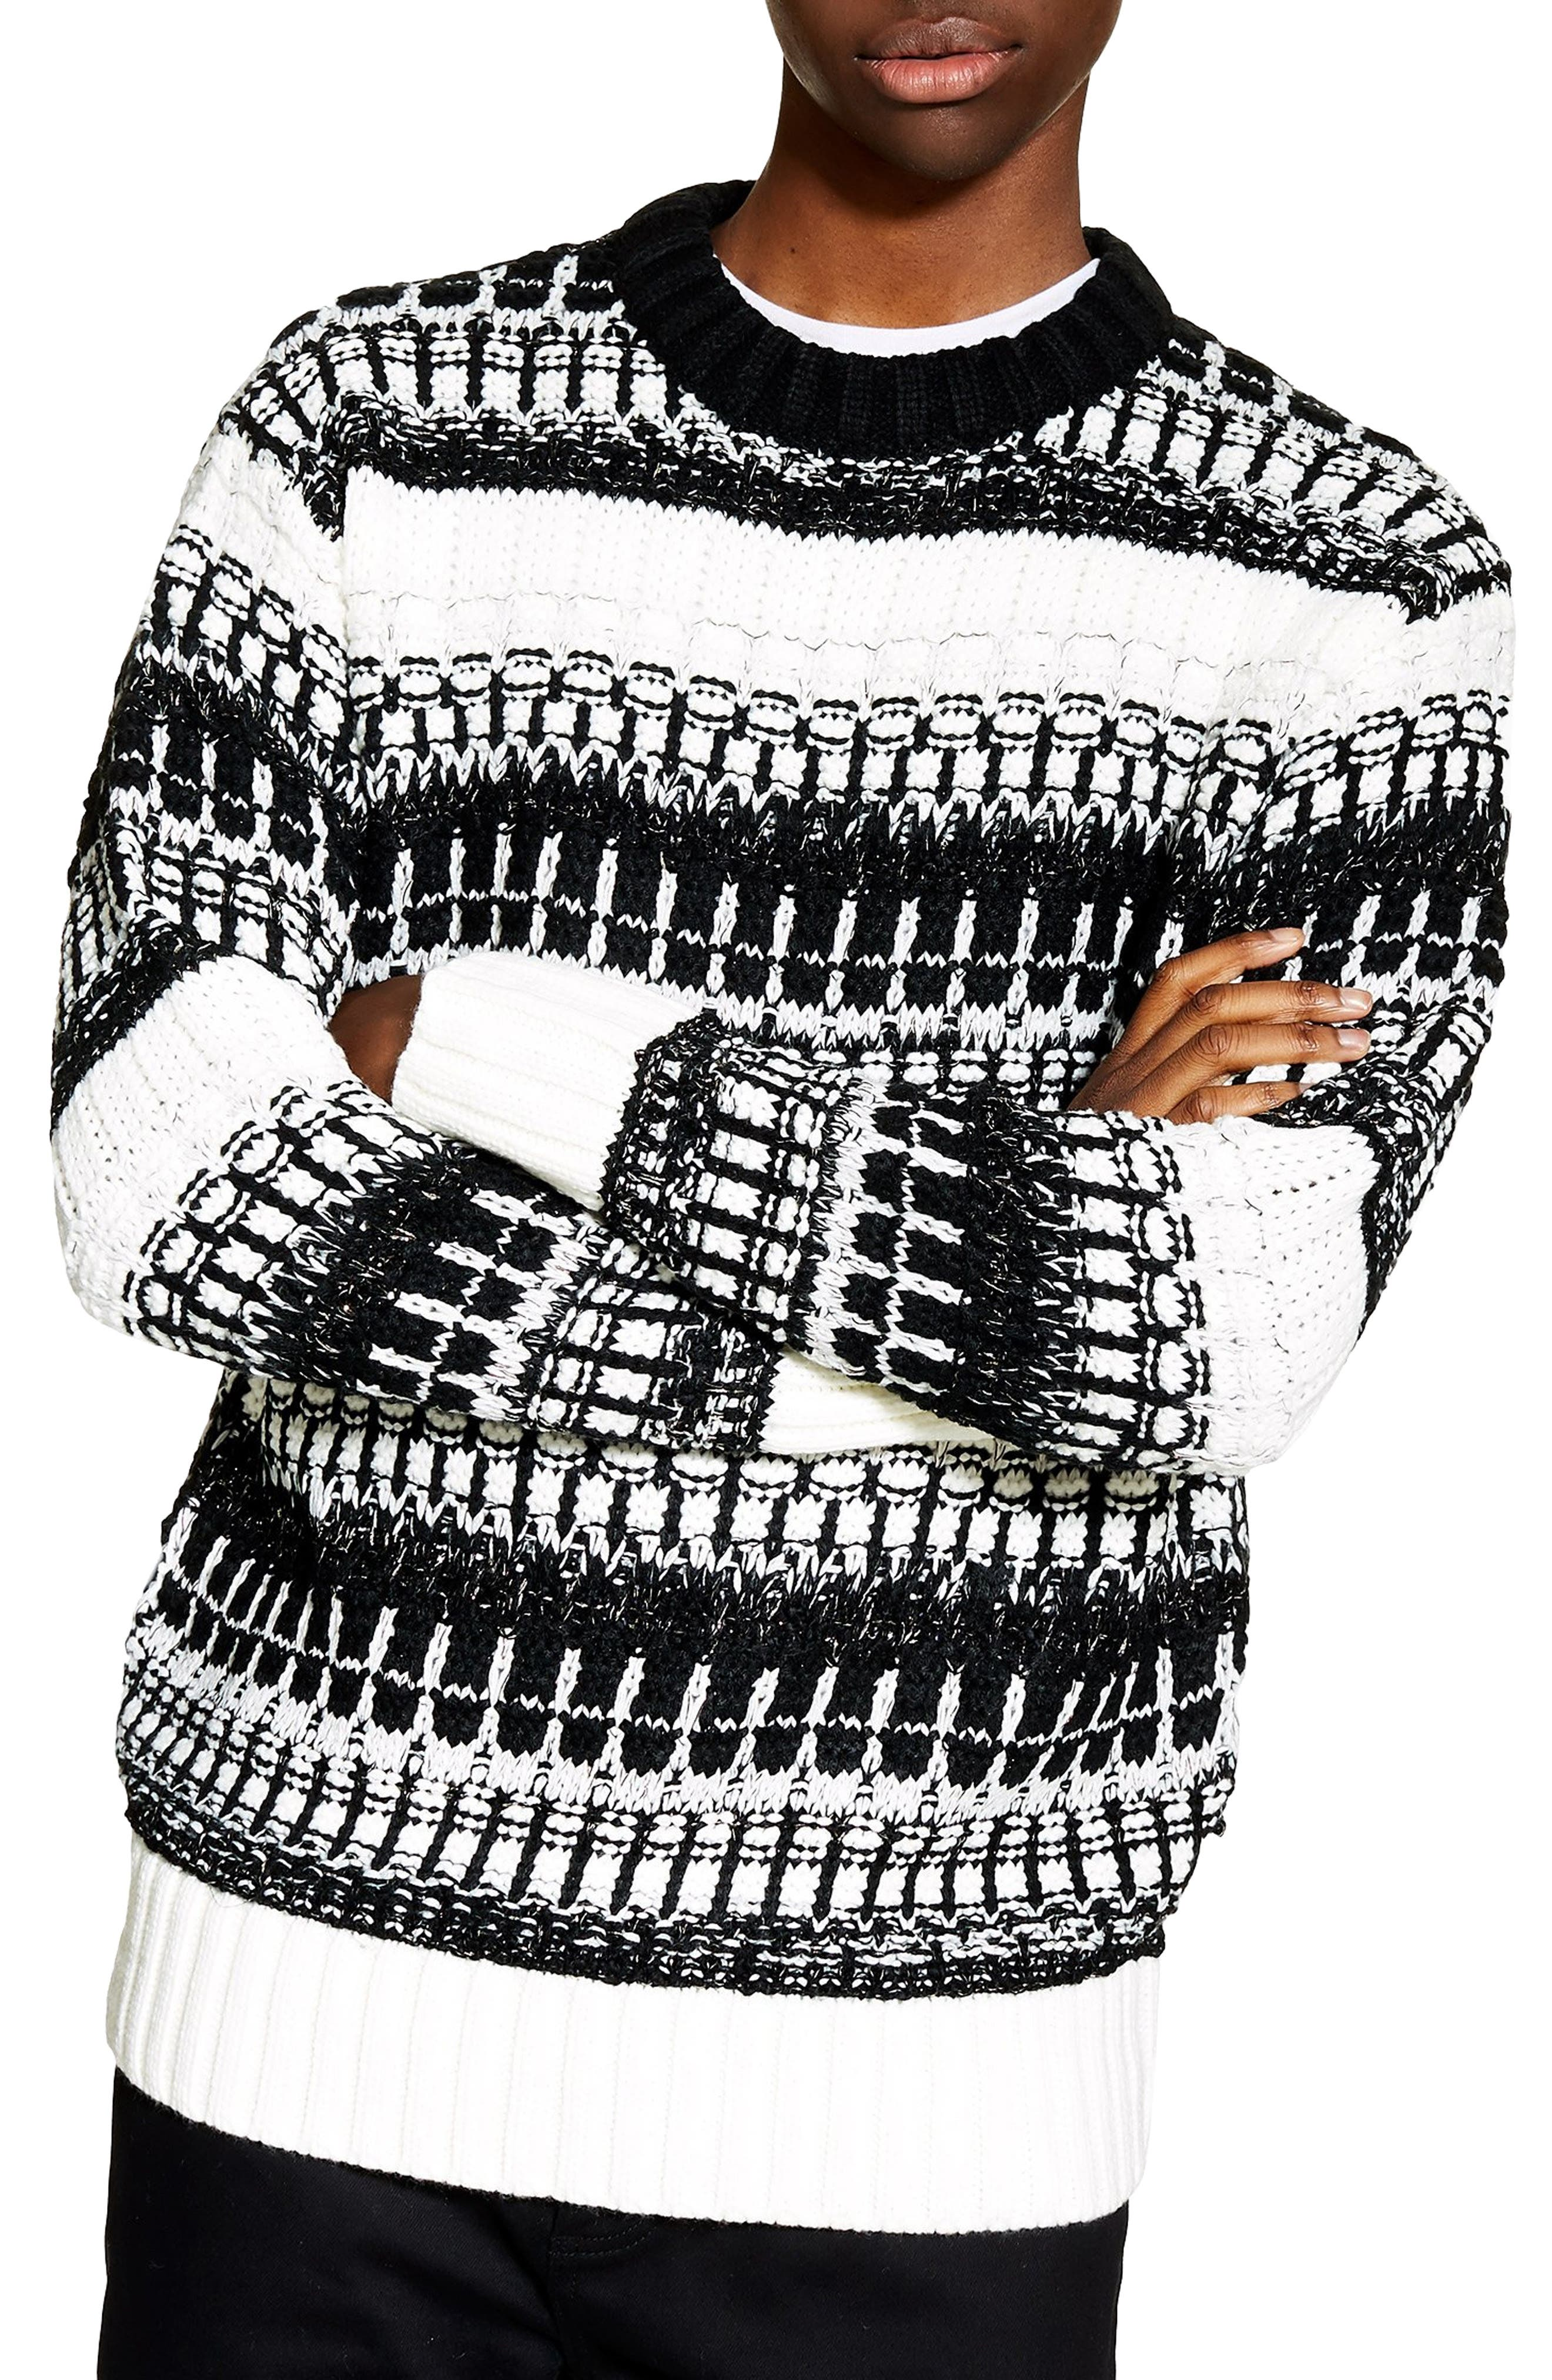 TOPMAN Mono Texture Sweater, Main, color, CREAM MULTI